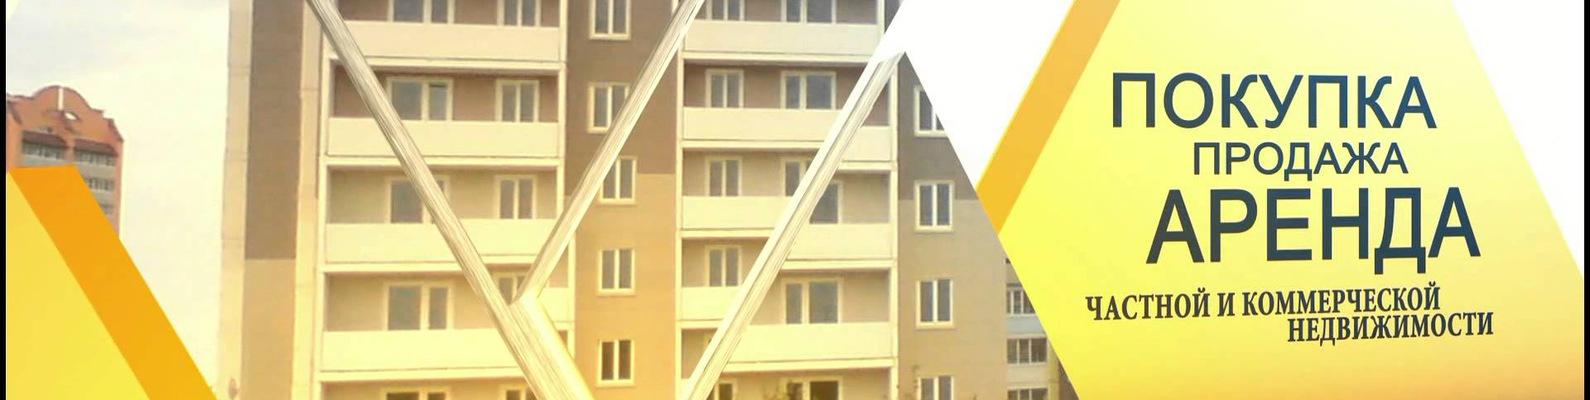 Аренда офиса по домашнему адресу в рб аренда коммерческой недвижимости казахстан алматы